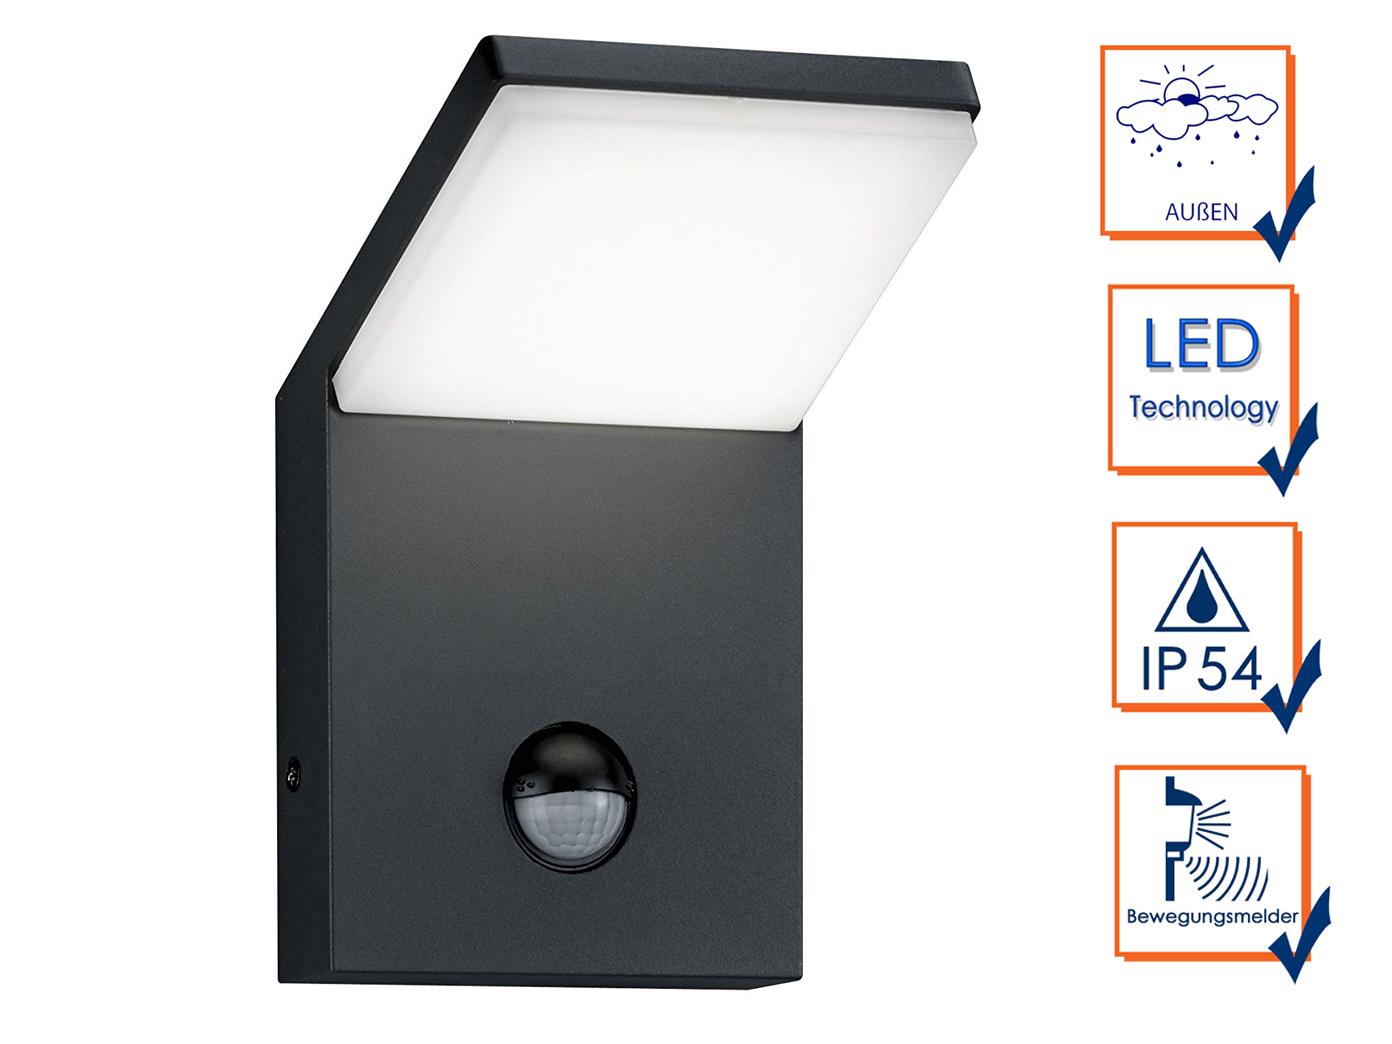 led au enwandlampe mit bewegungsmelder anthrazit 2. Black Bedroom Furniture Sets. Home Design Ideas